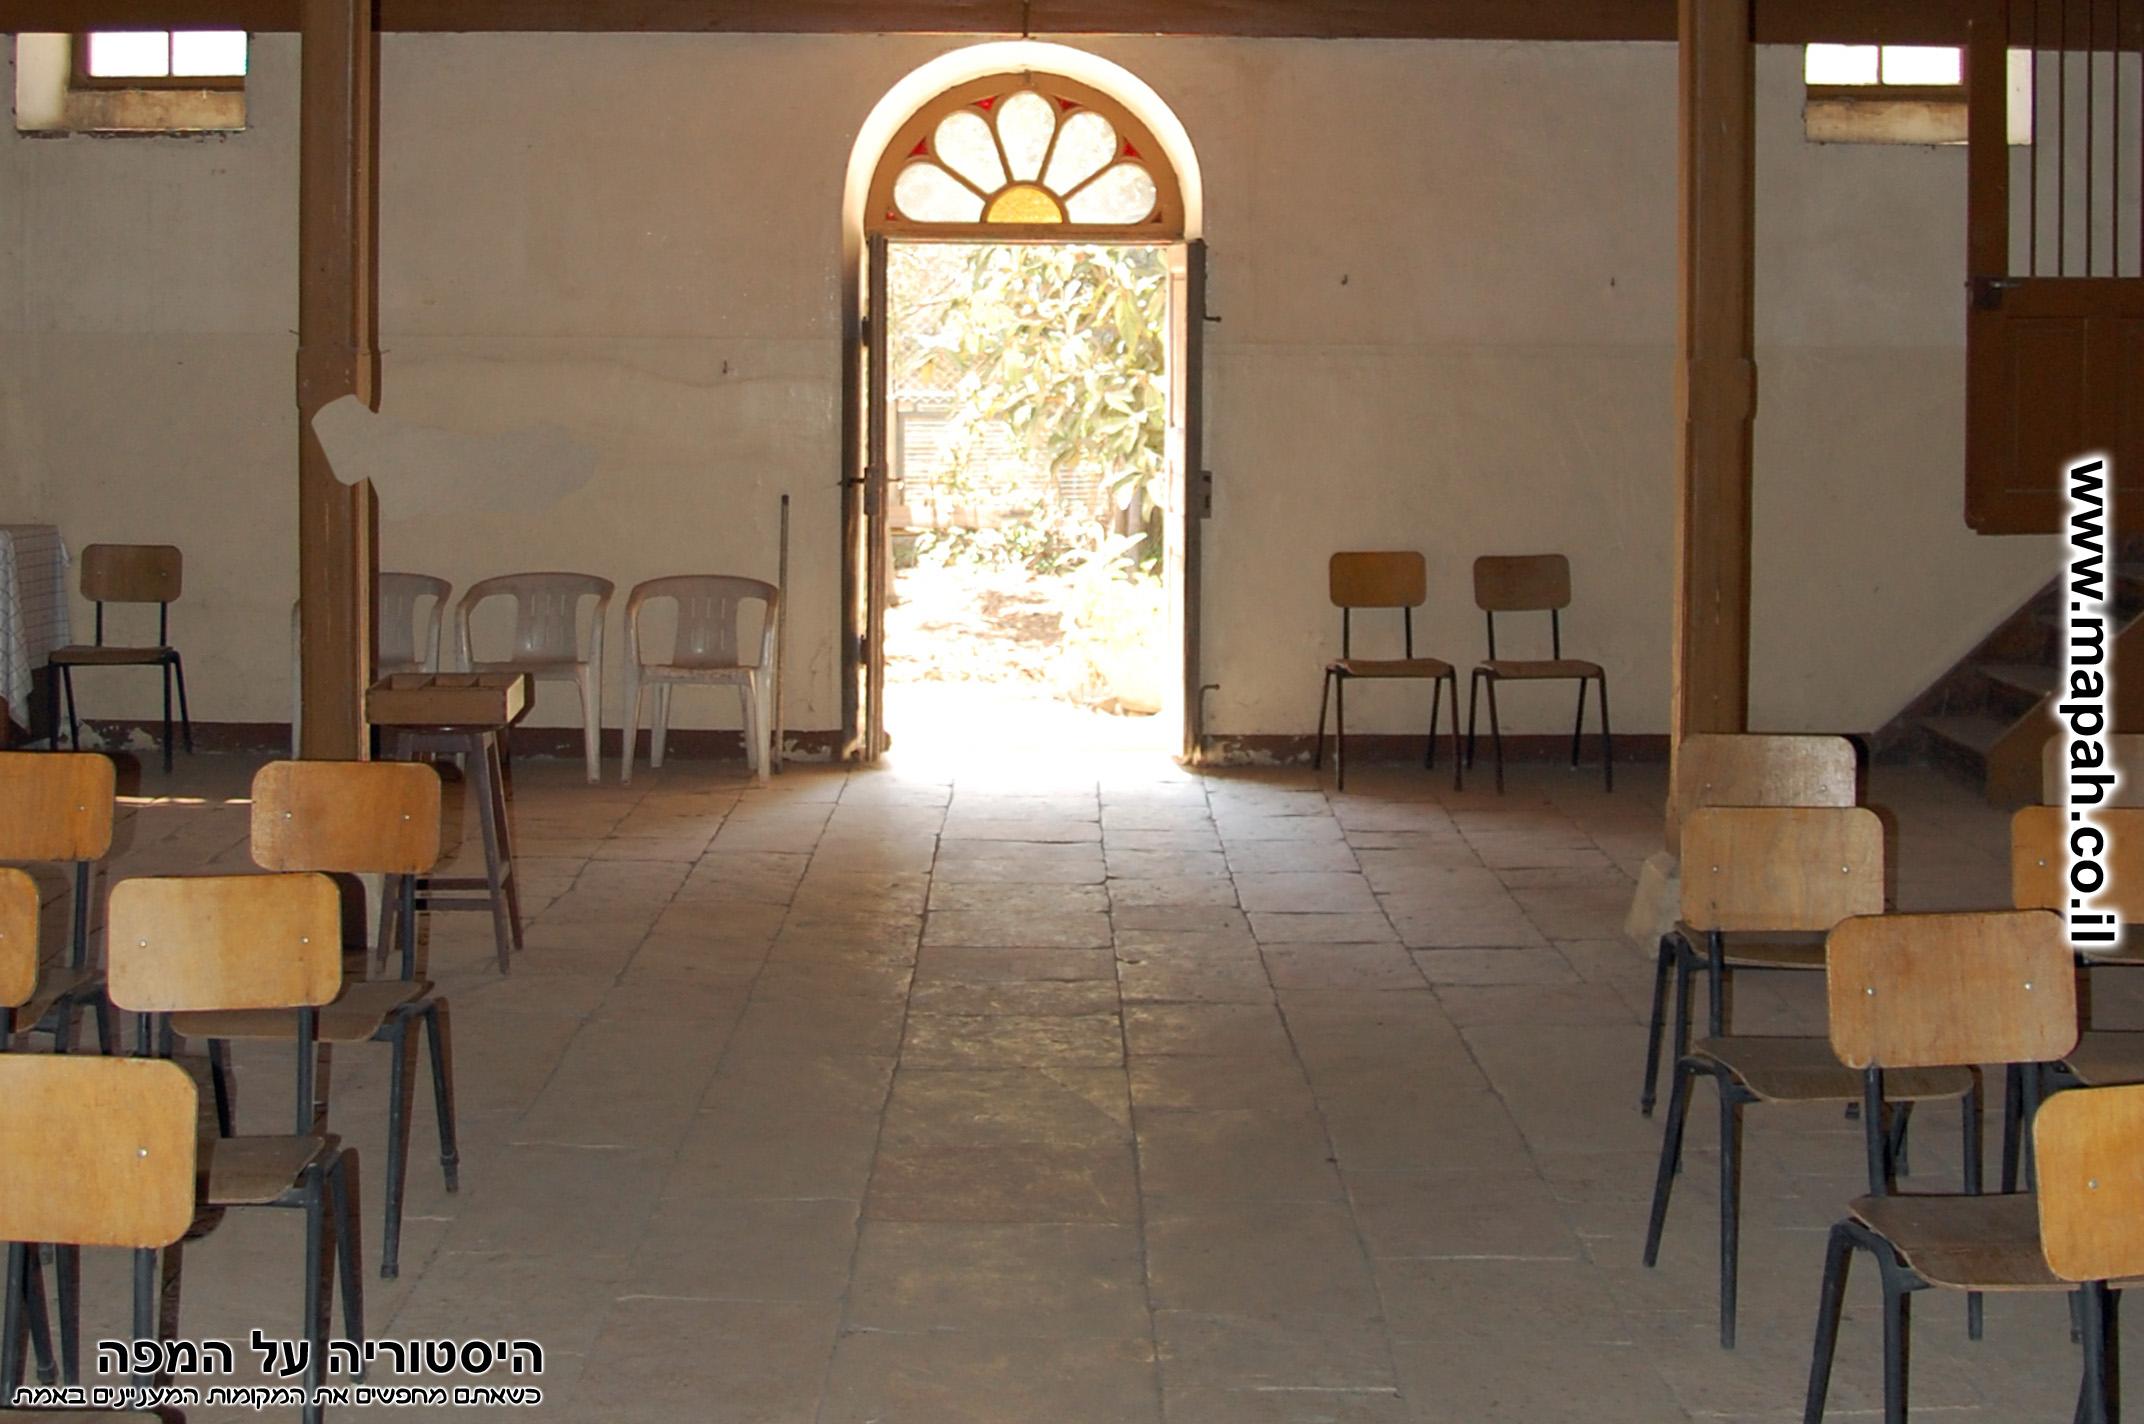 דלת הכניסה לבית העם הטמפלרי - צד דרום מערב - צילום: אפי אליאן